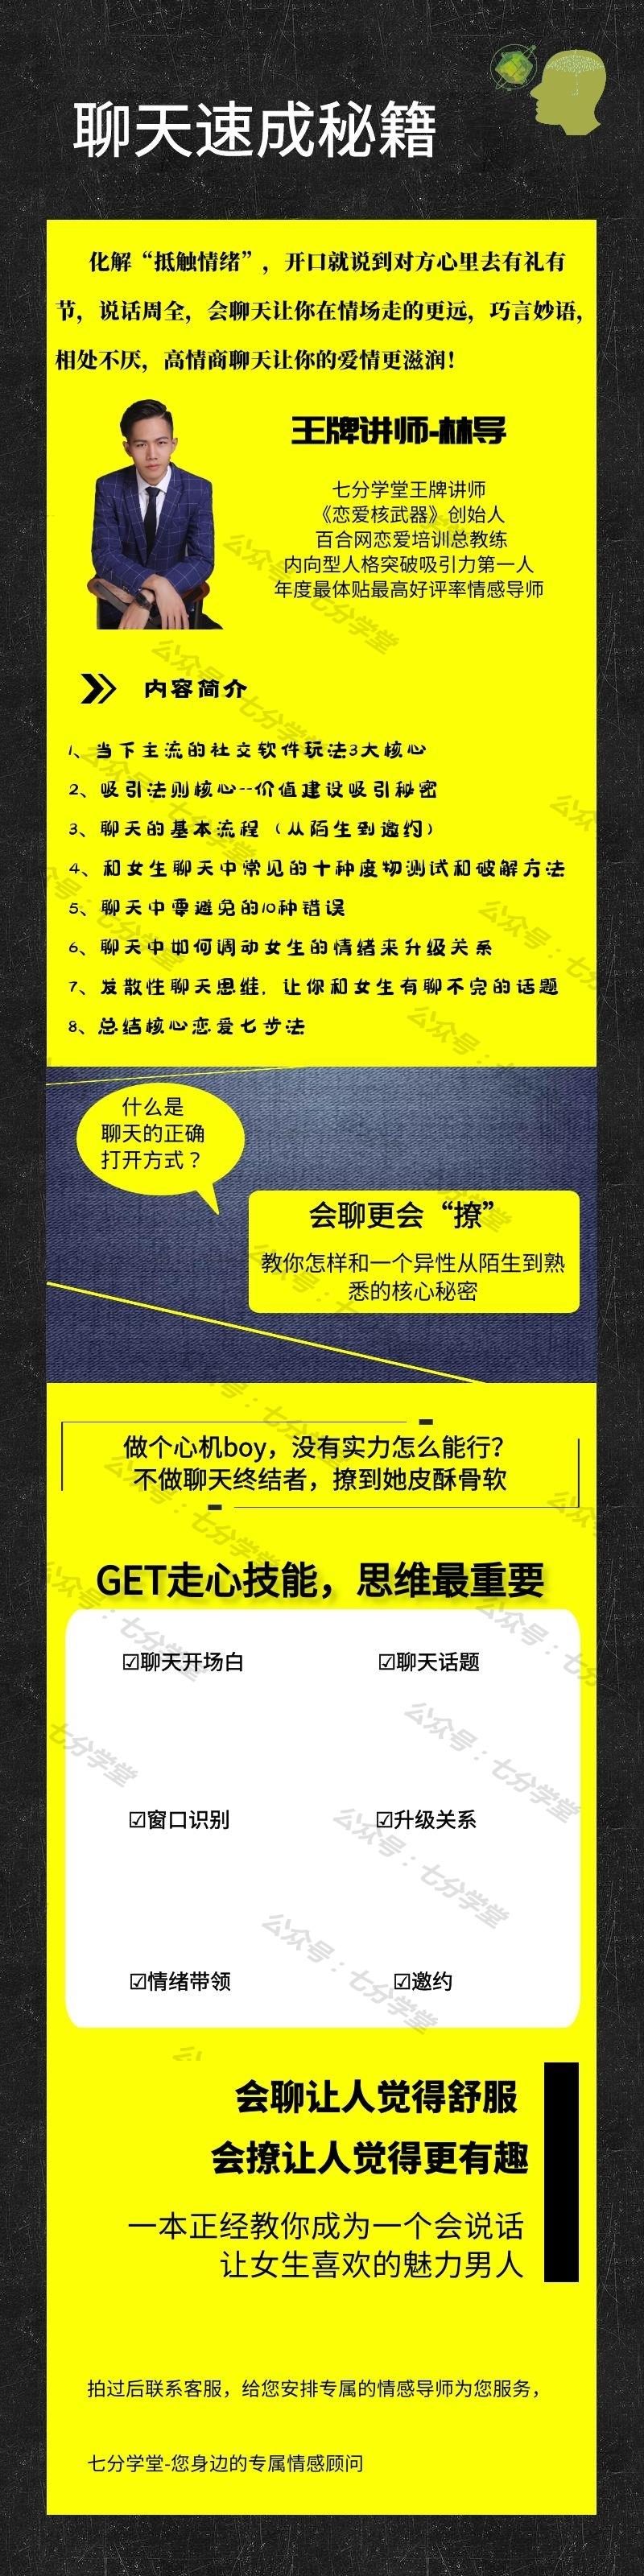 七分学堂-恋爱课程 聊天速成秘籍(电子档)